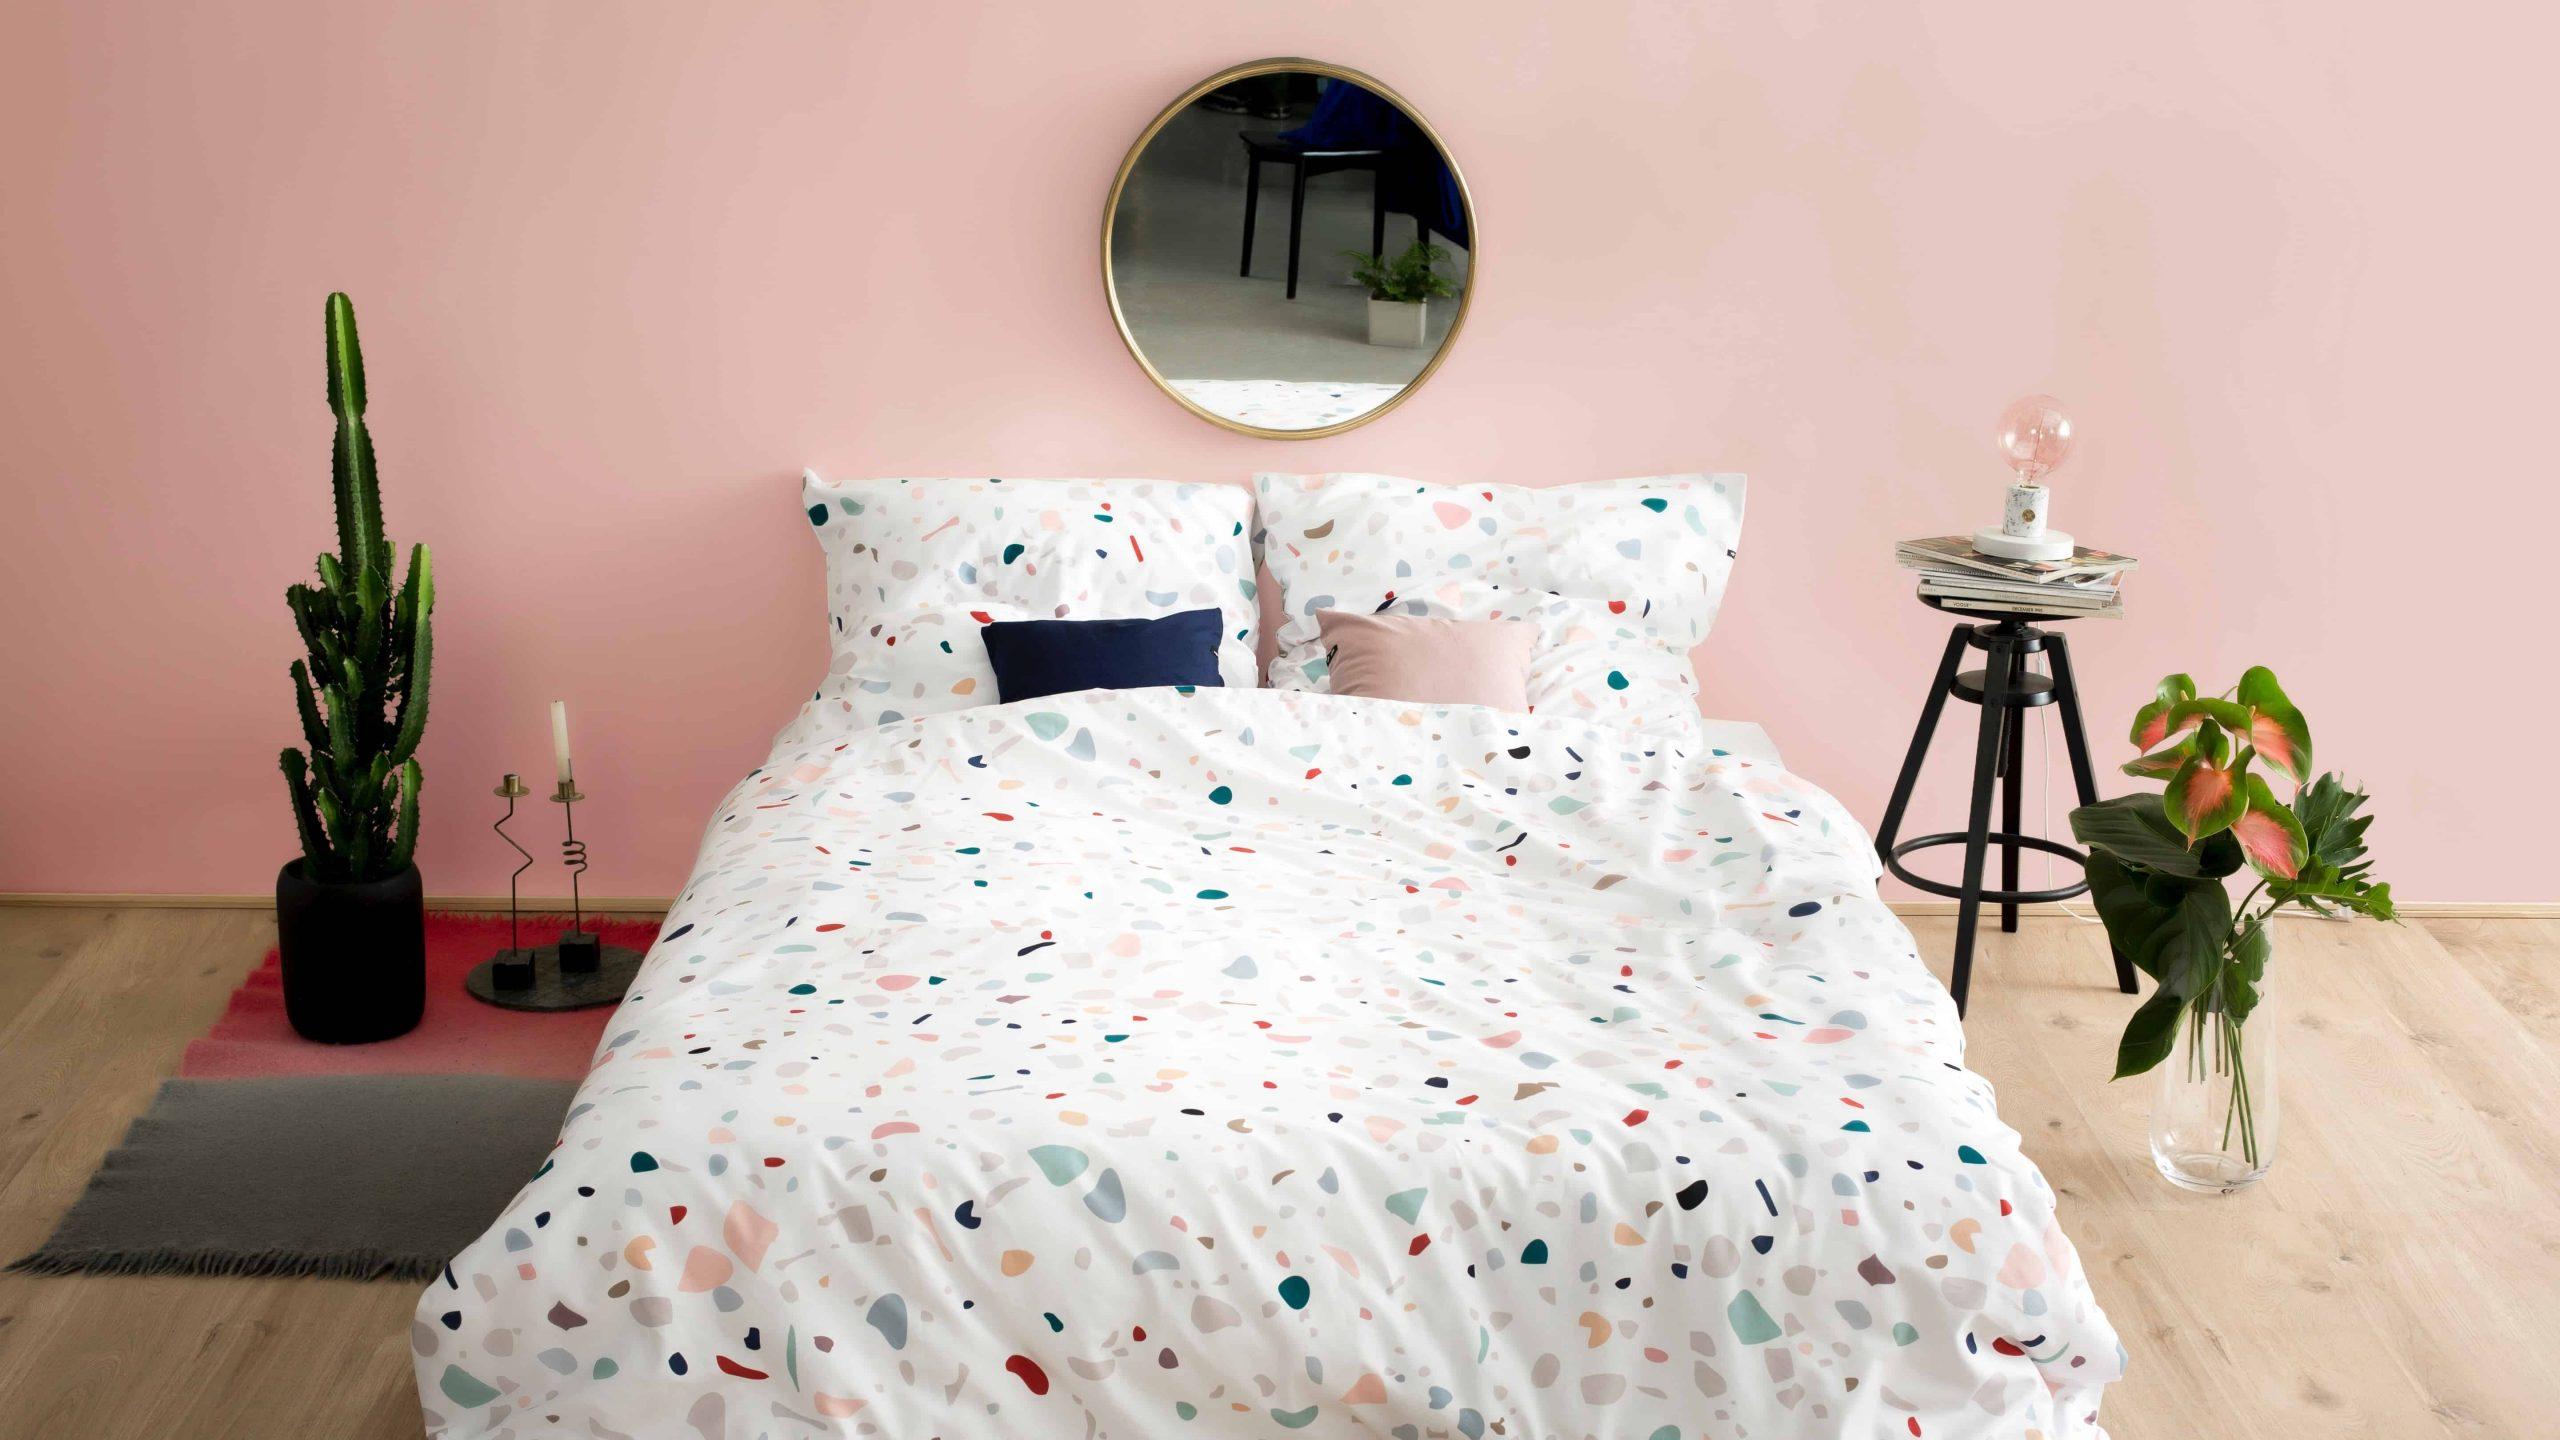 Full Size of Ausgefallene Schlafzimmer Einrichten 5 Verschiedene Stile Schlafbook Massivholz Betten Komplett Mit Lattenrost Und Matratze Schrank Landhaus Wiemann Wohnzimmer Ausgefallene Schlafzimmer